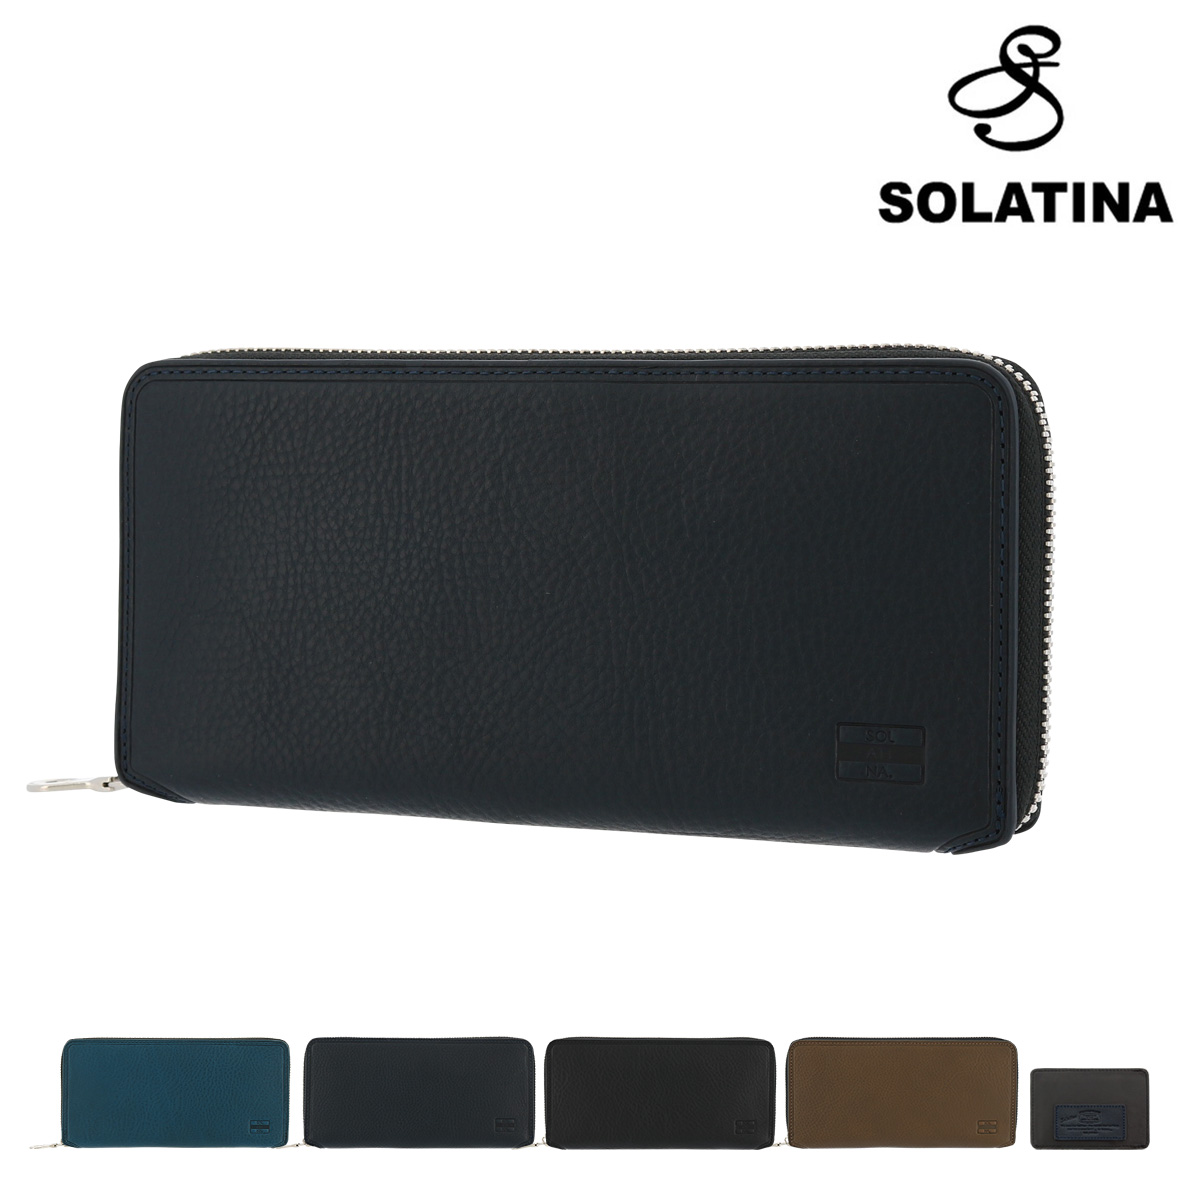 ソラチナ 長財布 ラウンドファスナー アリゾナ メンズ SW-70020 SOLATINA | 本革 イタリアンレザー パスケース付 ブランド専用BOX付き [bef]